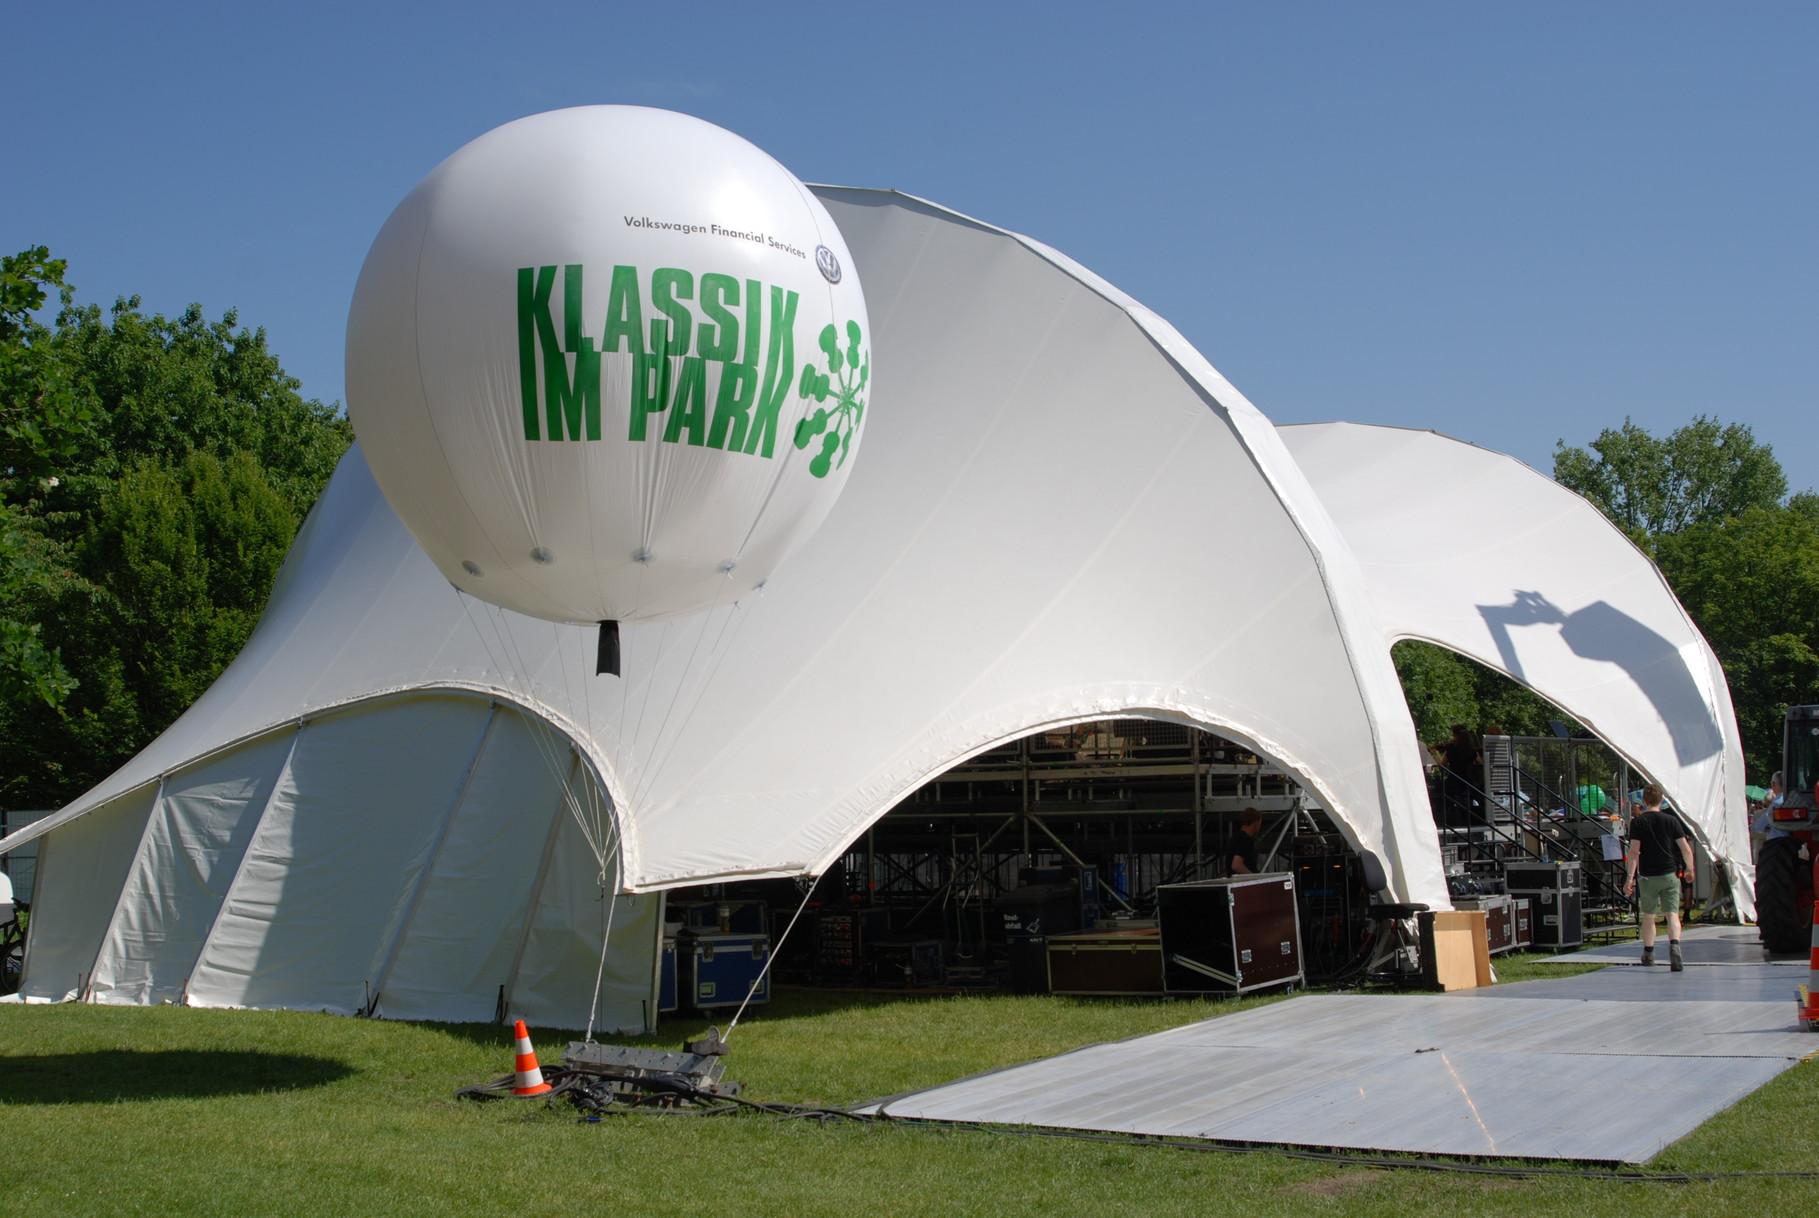 Orchester Open Air, Open Air Bühne mieten, Klassik im Park Braunschweig, Konzertmuschel